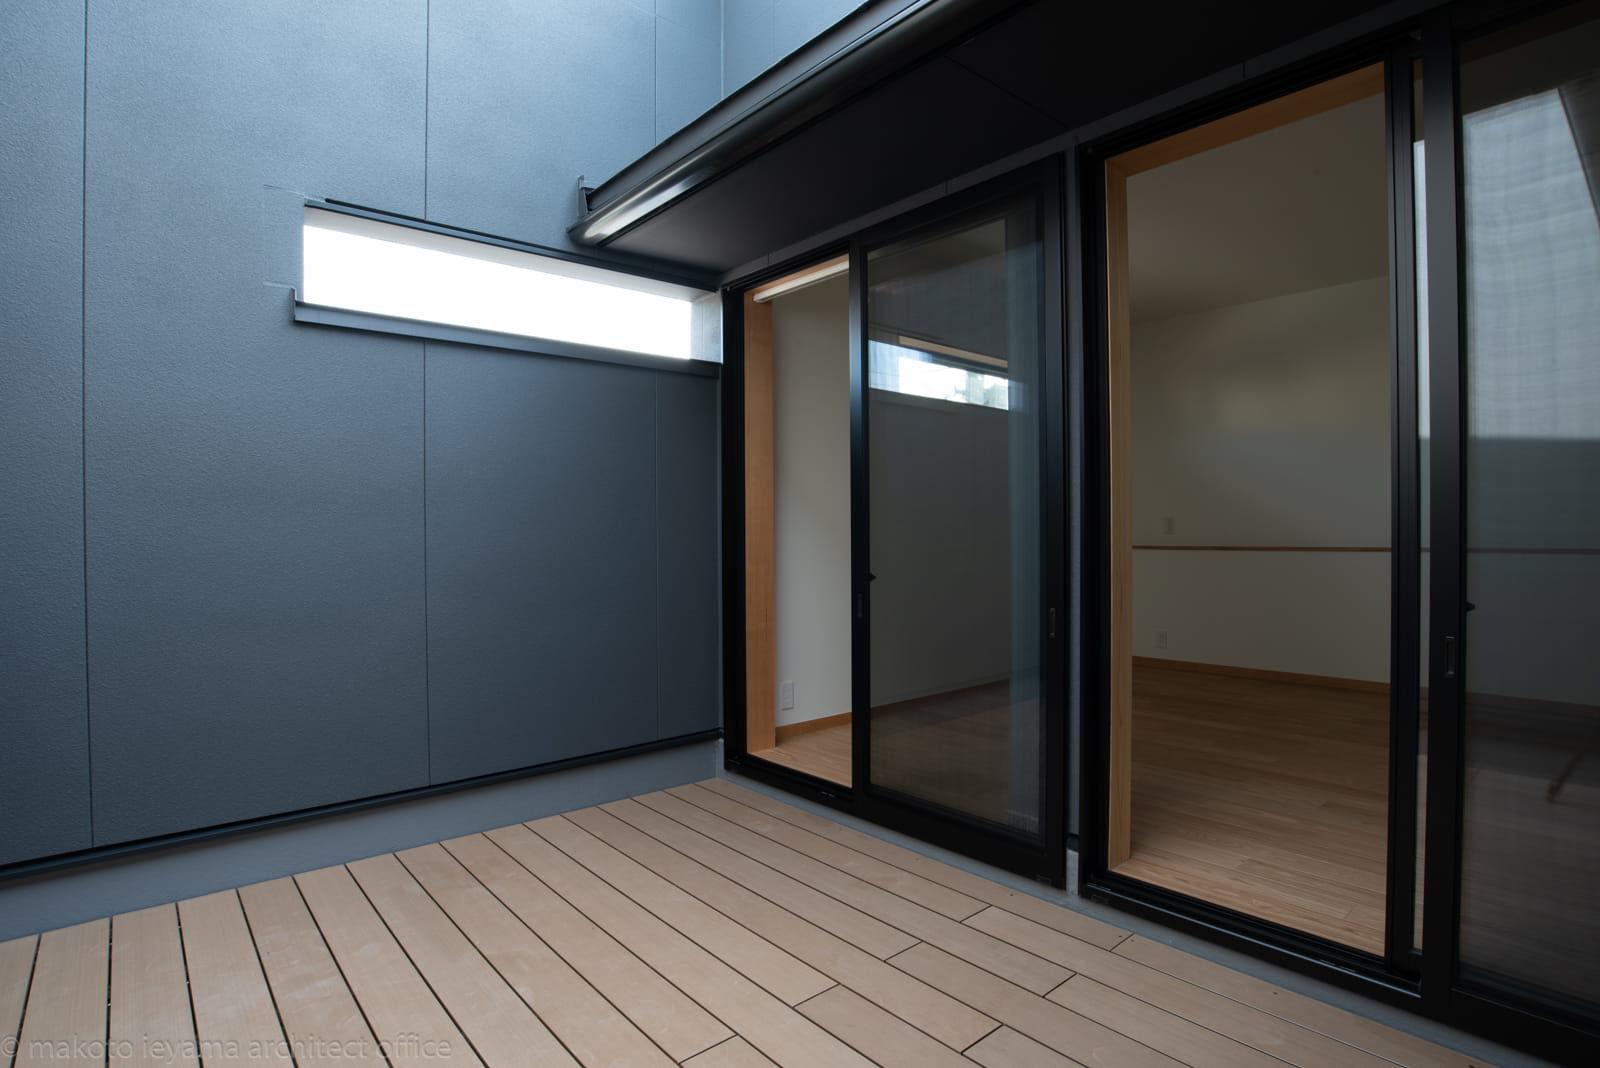 円光寺の家 プライベート空間のバルコニー